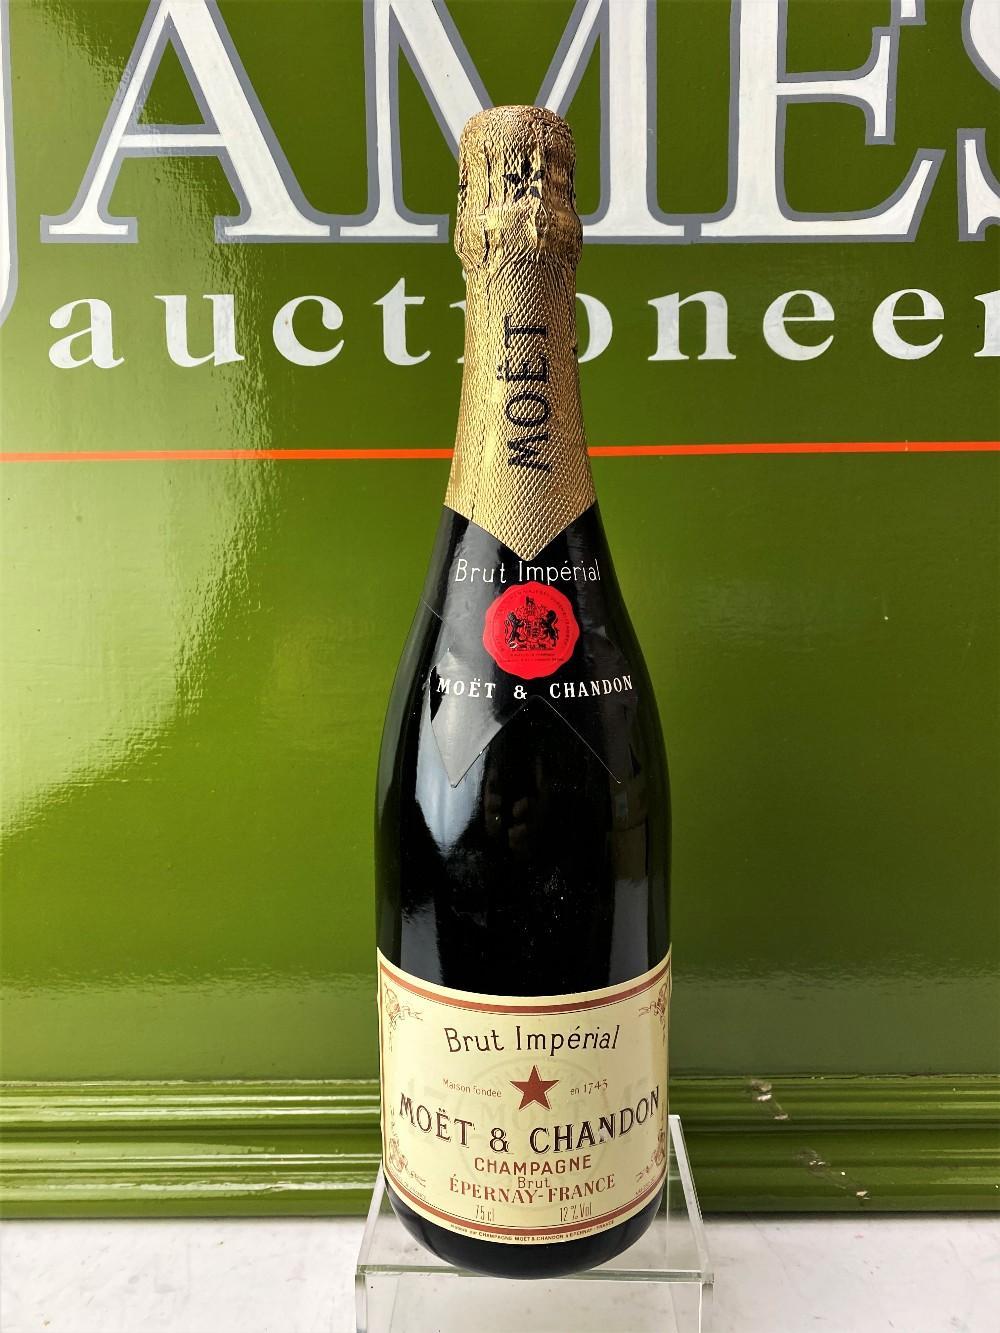 Moet Chandon Vintage Bottle of Champagne